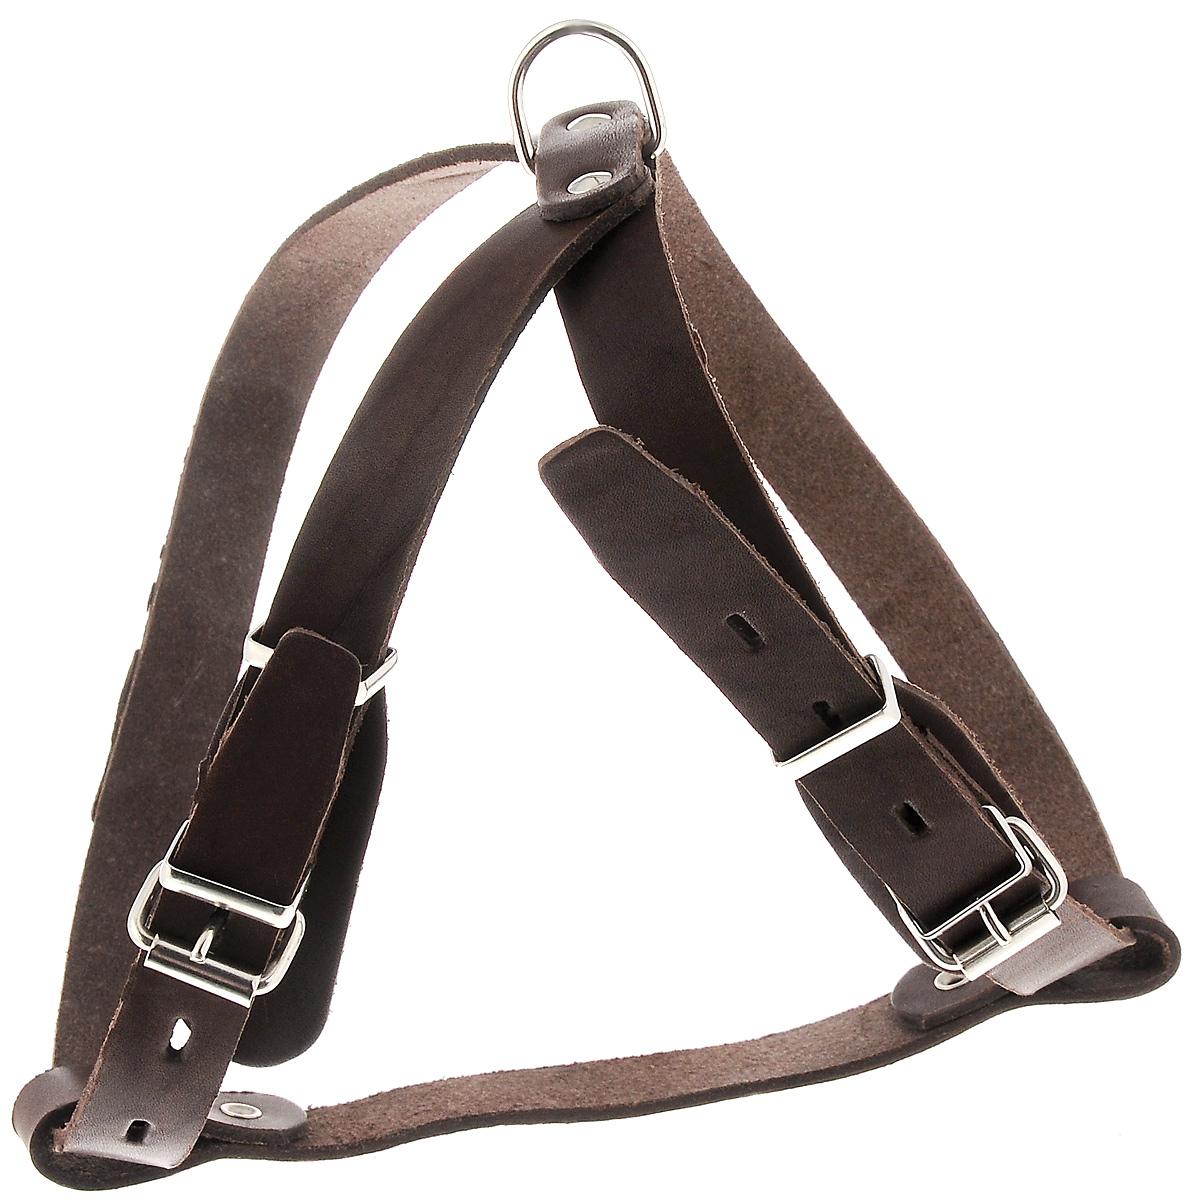 Шлейка для собак Каскад Классика, цвет: темно-коричневый, ширина 2 см, обхват груди 51-59 см01002011кШлейка Каскад Классика, изготовленная из и натуральной кожи, подходит для собак средних пород. Крепкие металлические элементы делают ее надежной и долговечной. Шлейка - это альтернатива ошейнику. Правильно подобранная шлейка не стесняет движения питомца, не натирает кожу, поэтому животное чувствует себя в ней уверенно и комфортно. Изделие отличается высоким качеством, удобством и универсальностью. Размер регулируется при помощи пряжек, зафиксированных в одном из 4 отверстий. Обхват шеи: 45-53 см. Обхват груди: 51-59 см. Ширина шлейки: 2 см.